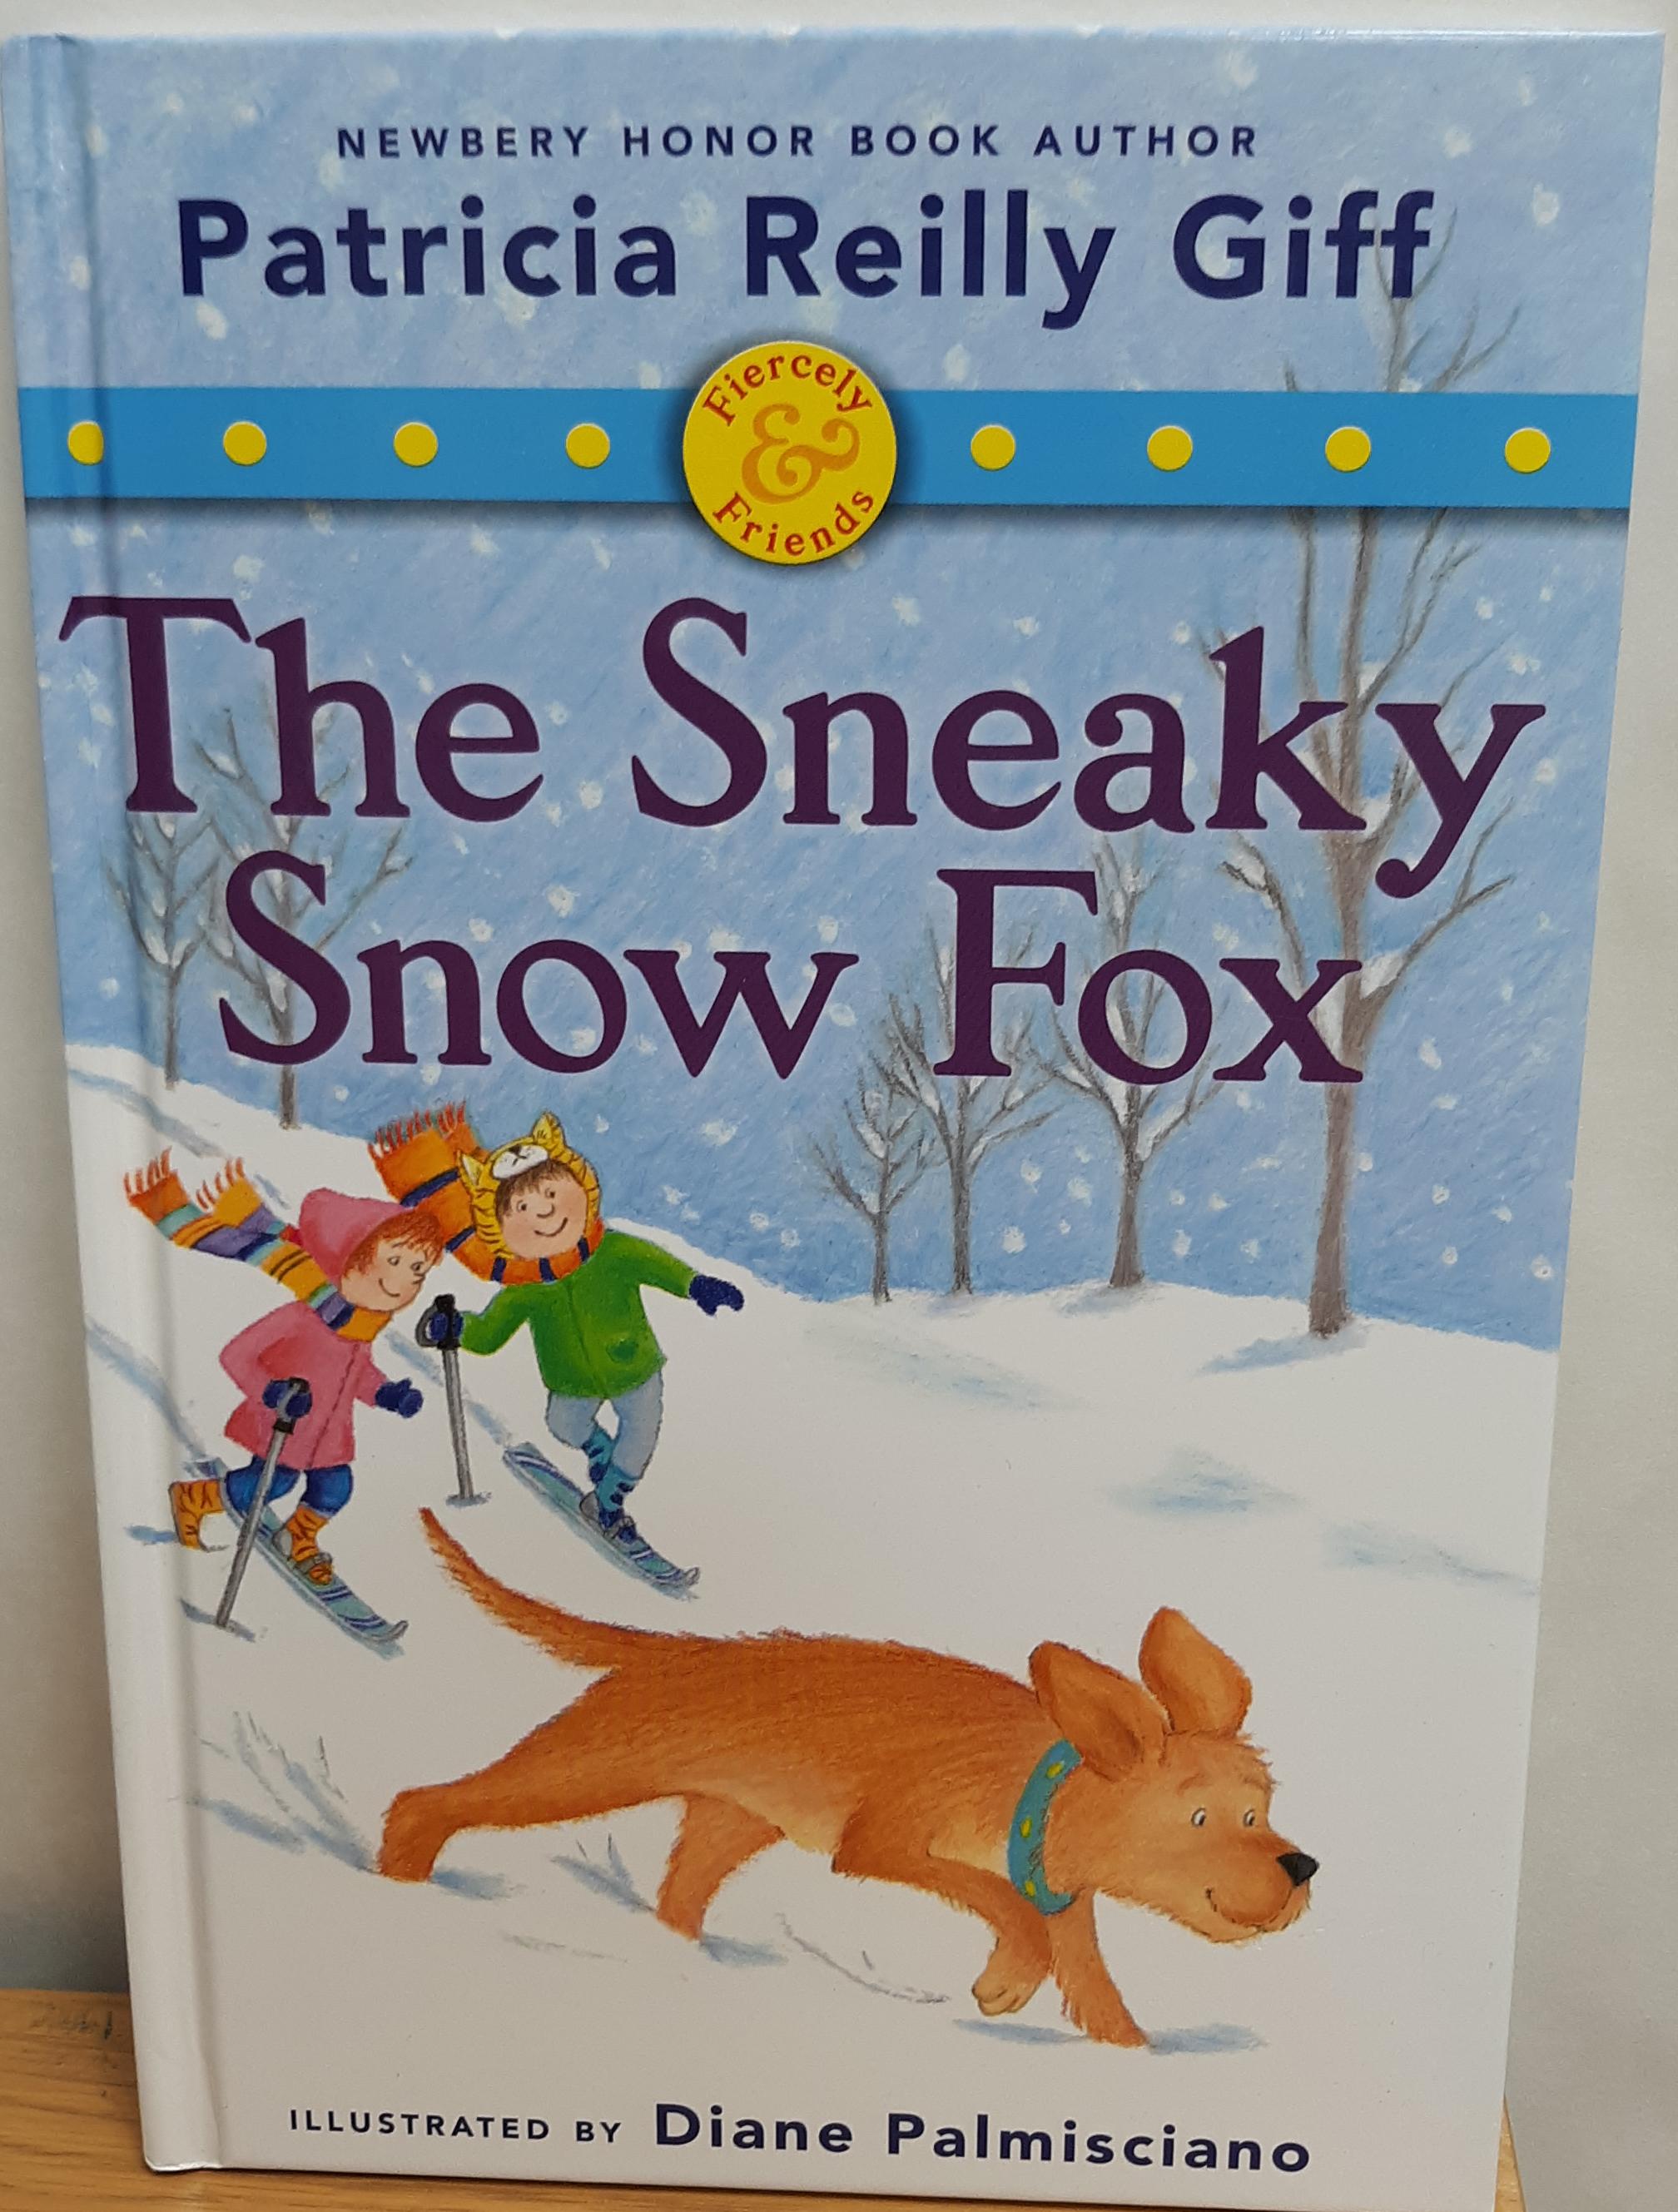 https://0201.nccdn.net/1_2/000/000/13a/bef/sneaky-snow-fox.png